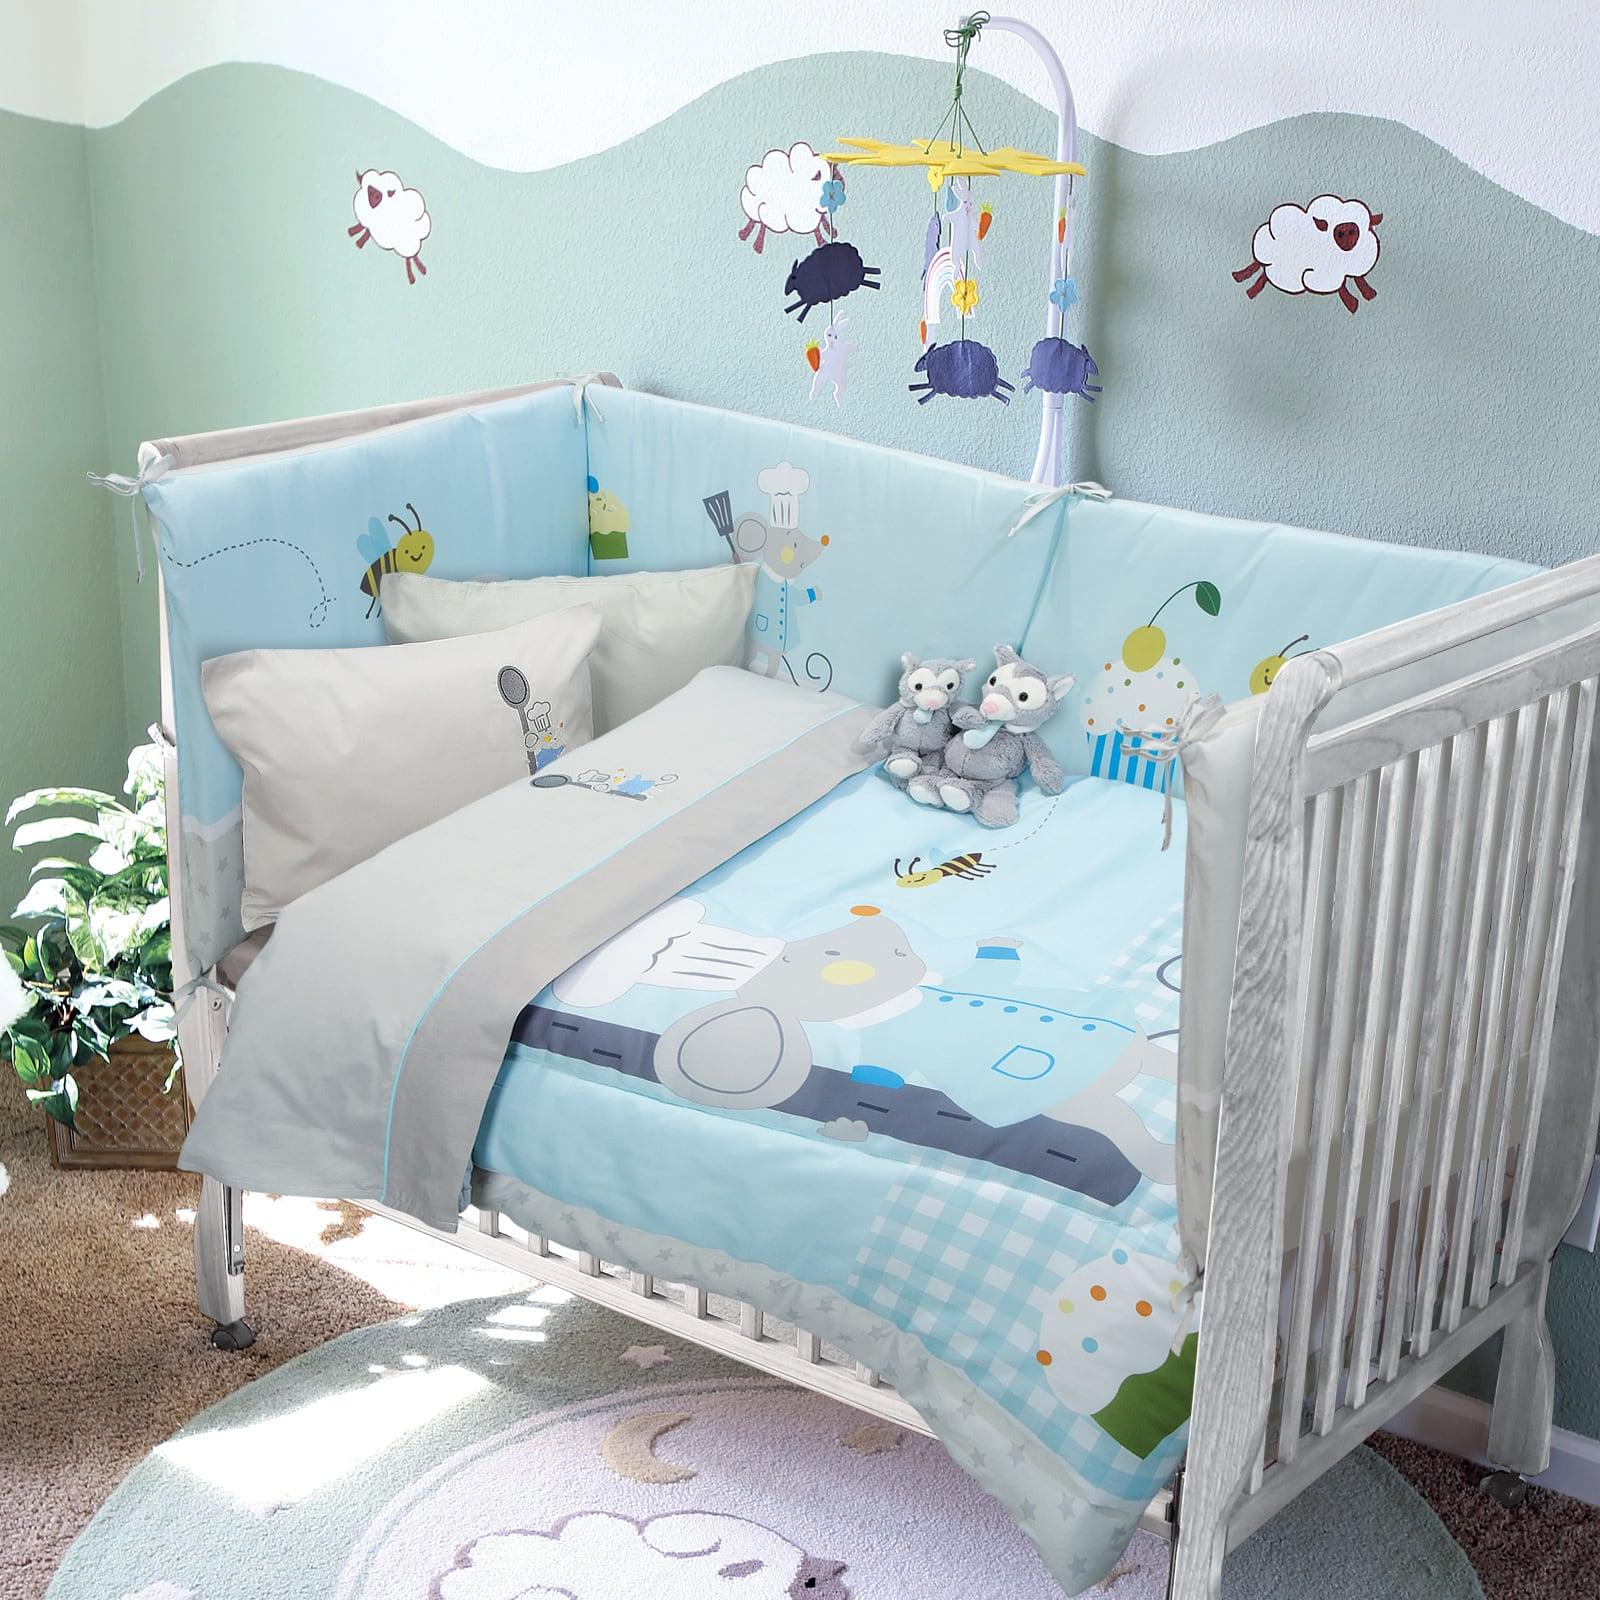 Σεντόνια Βρεφικά 6581 Σετ 3τμχ Baby Smile Embroidery Grey-Light Blue Das Baby Κούνιας 120x160cm